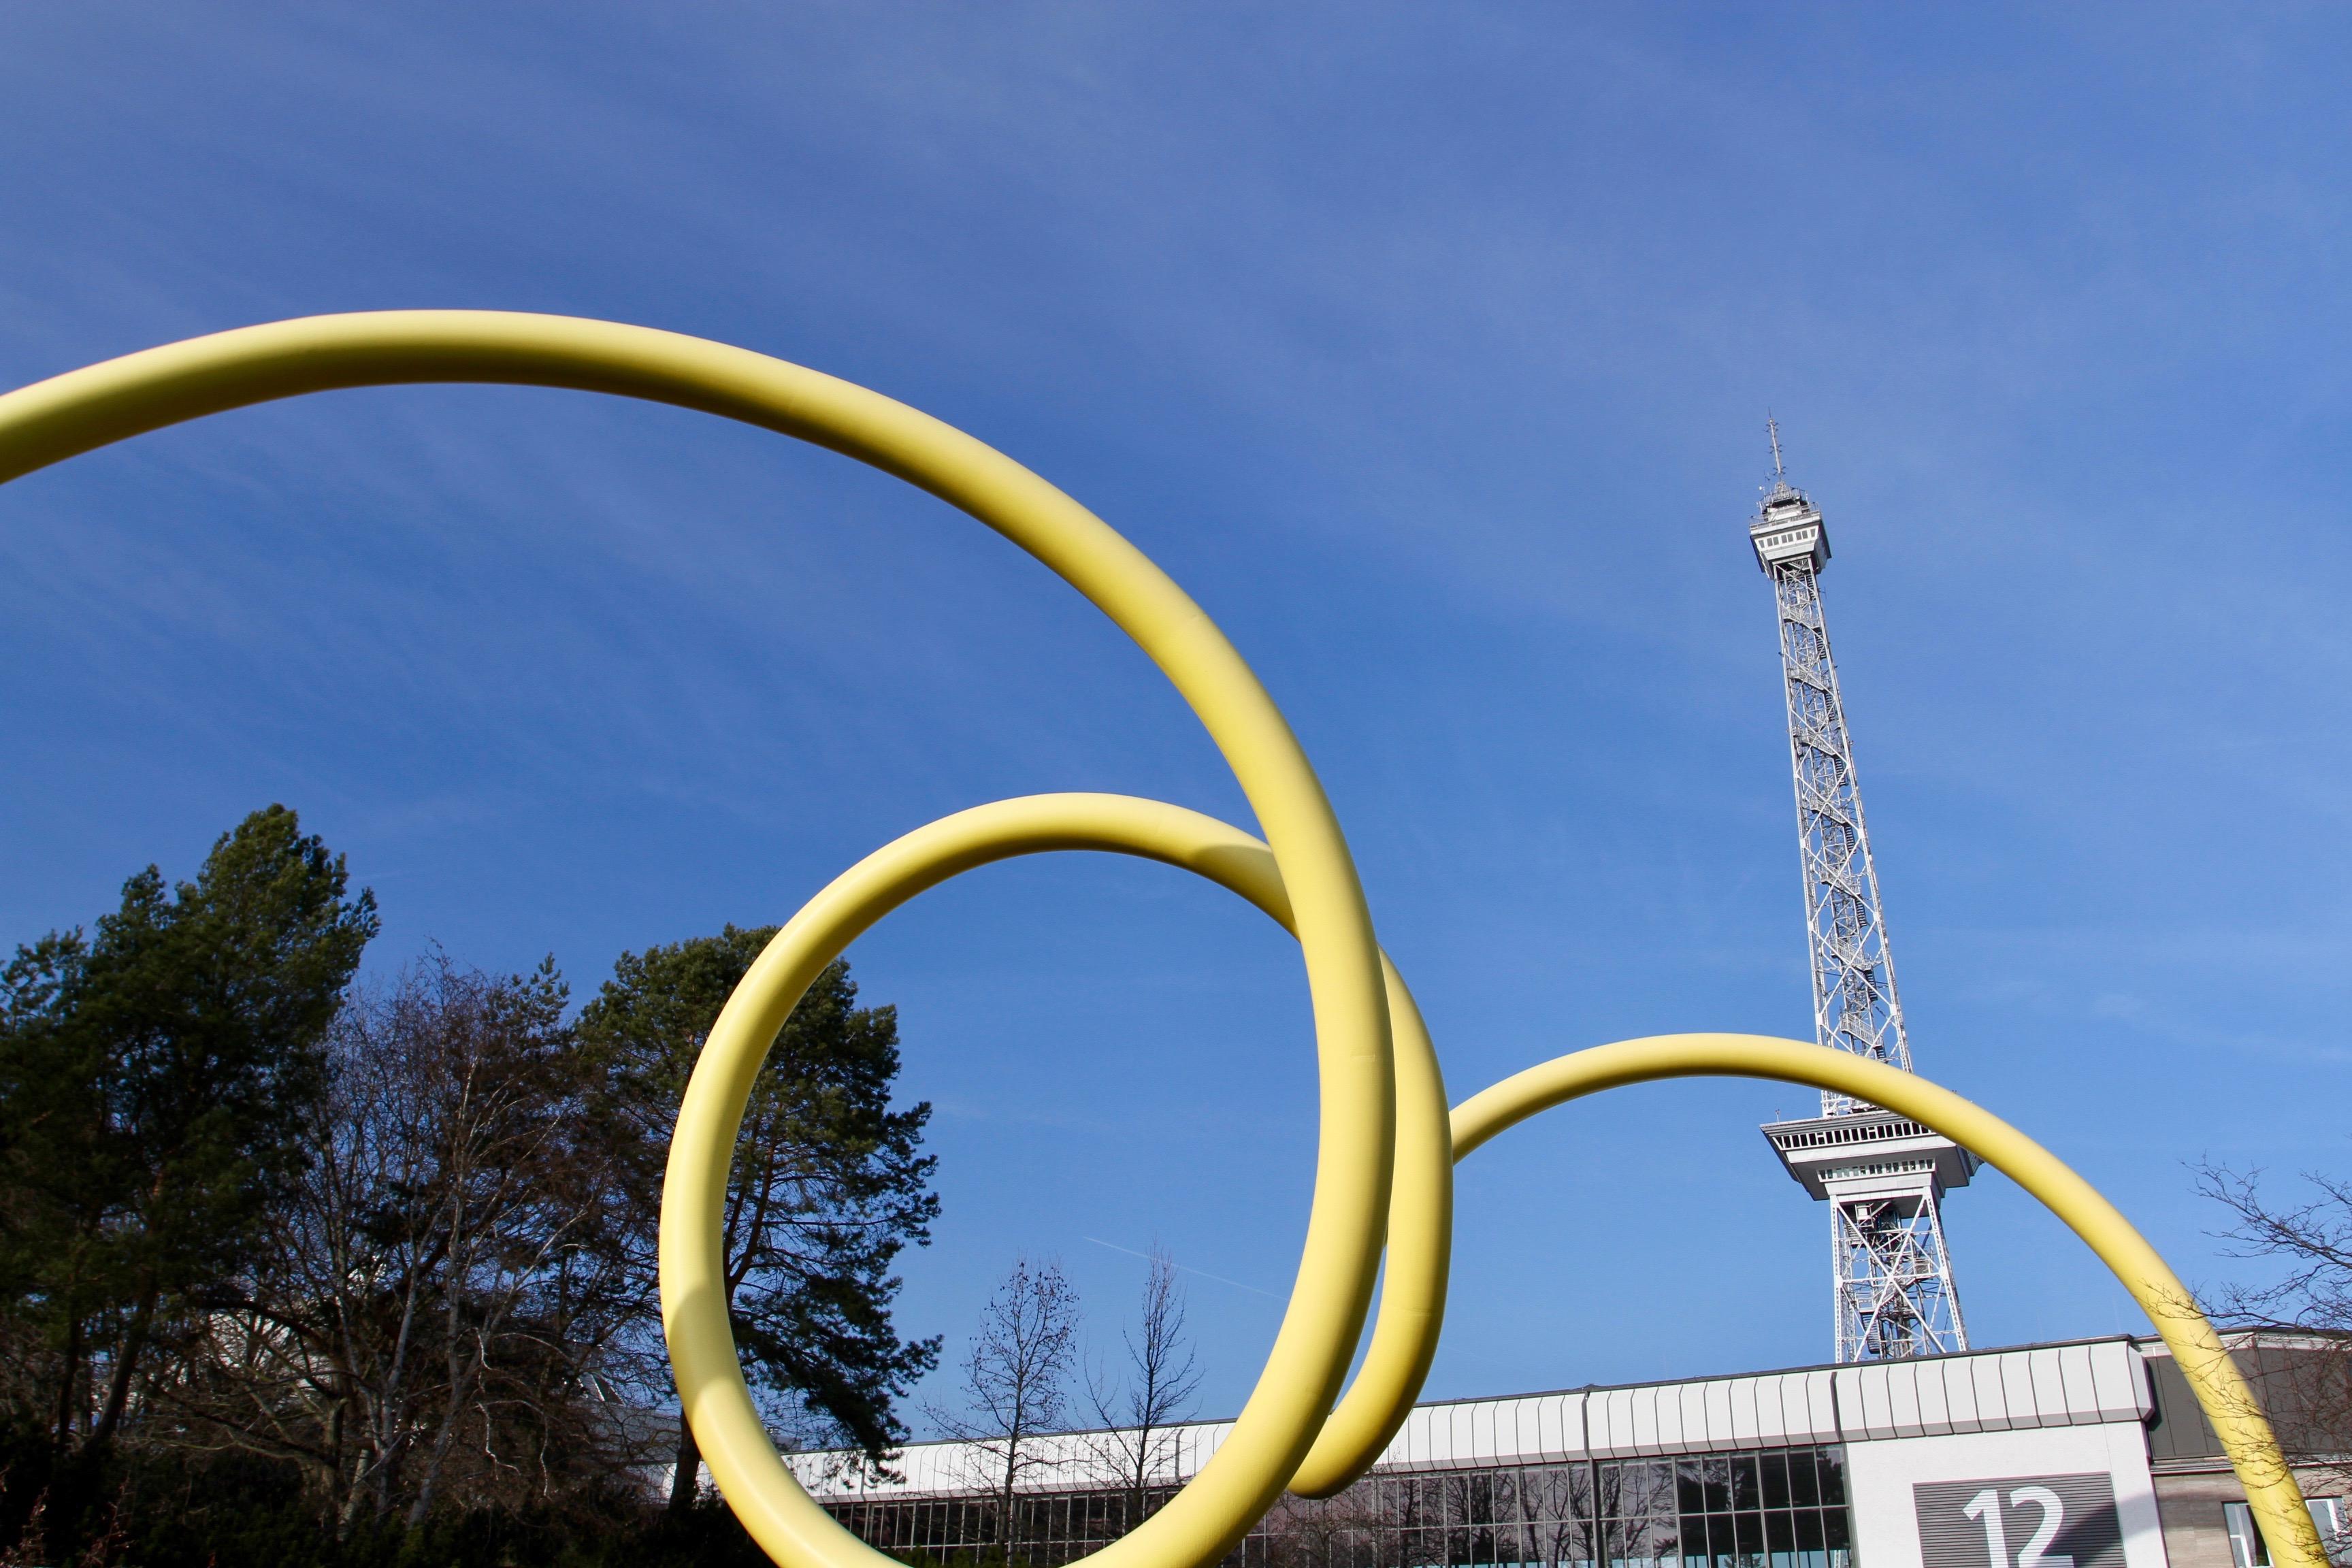 Funkturm, Berlin, Germany